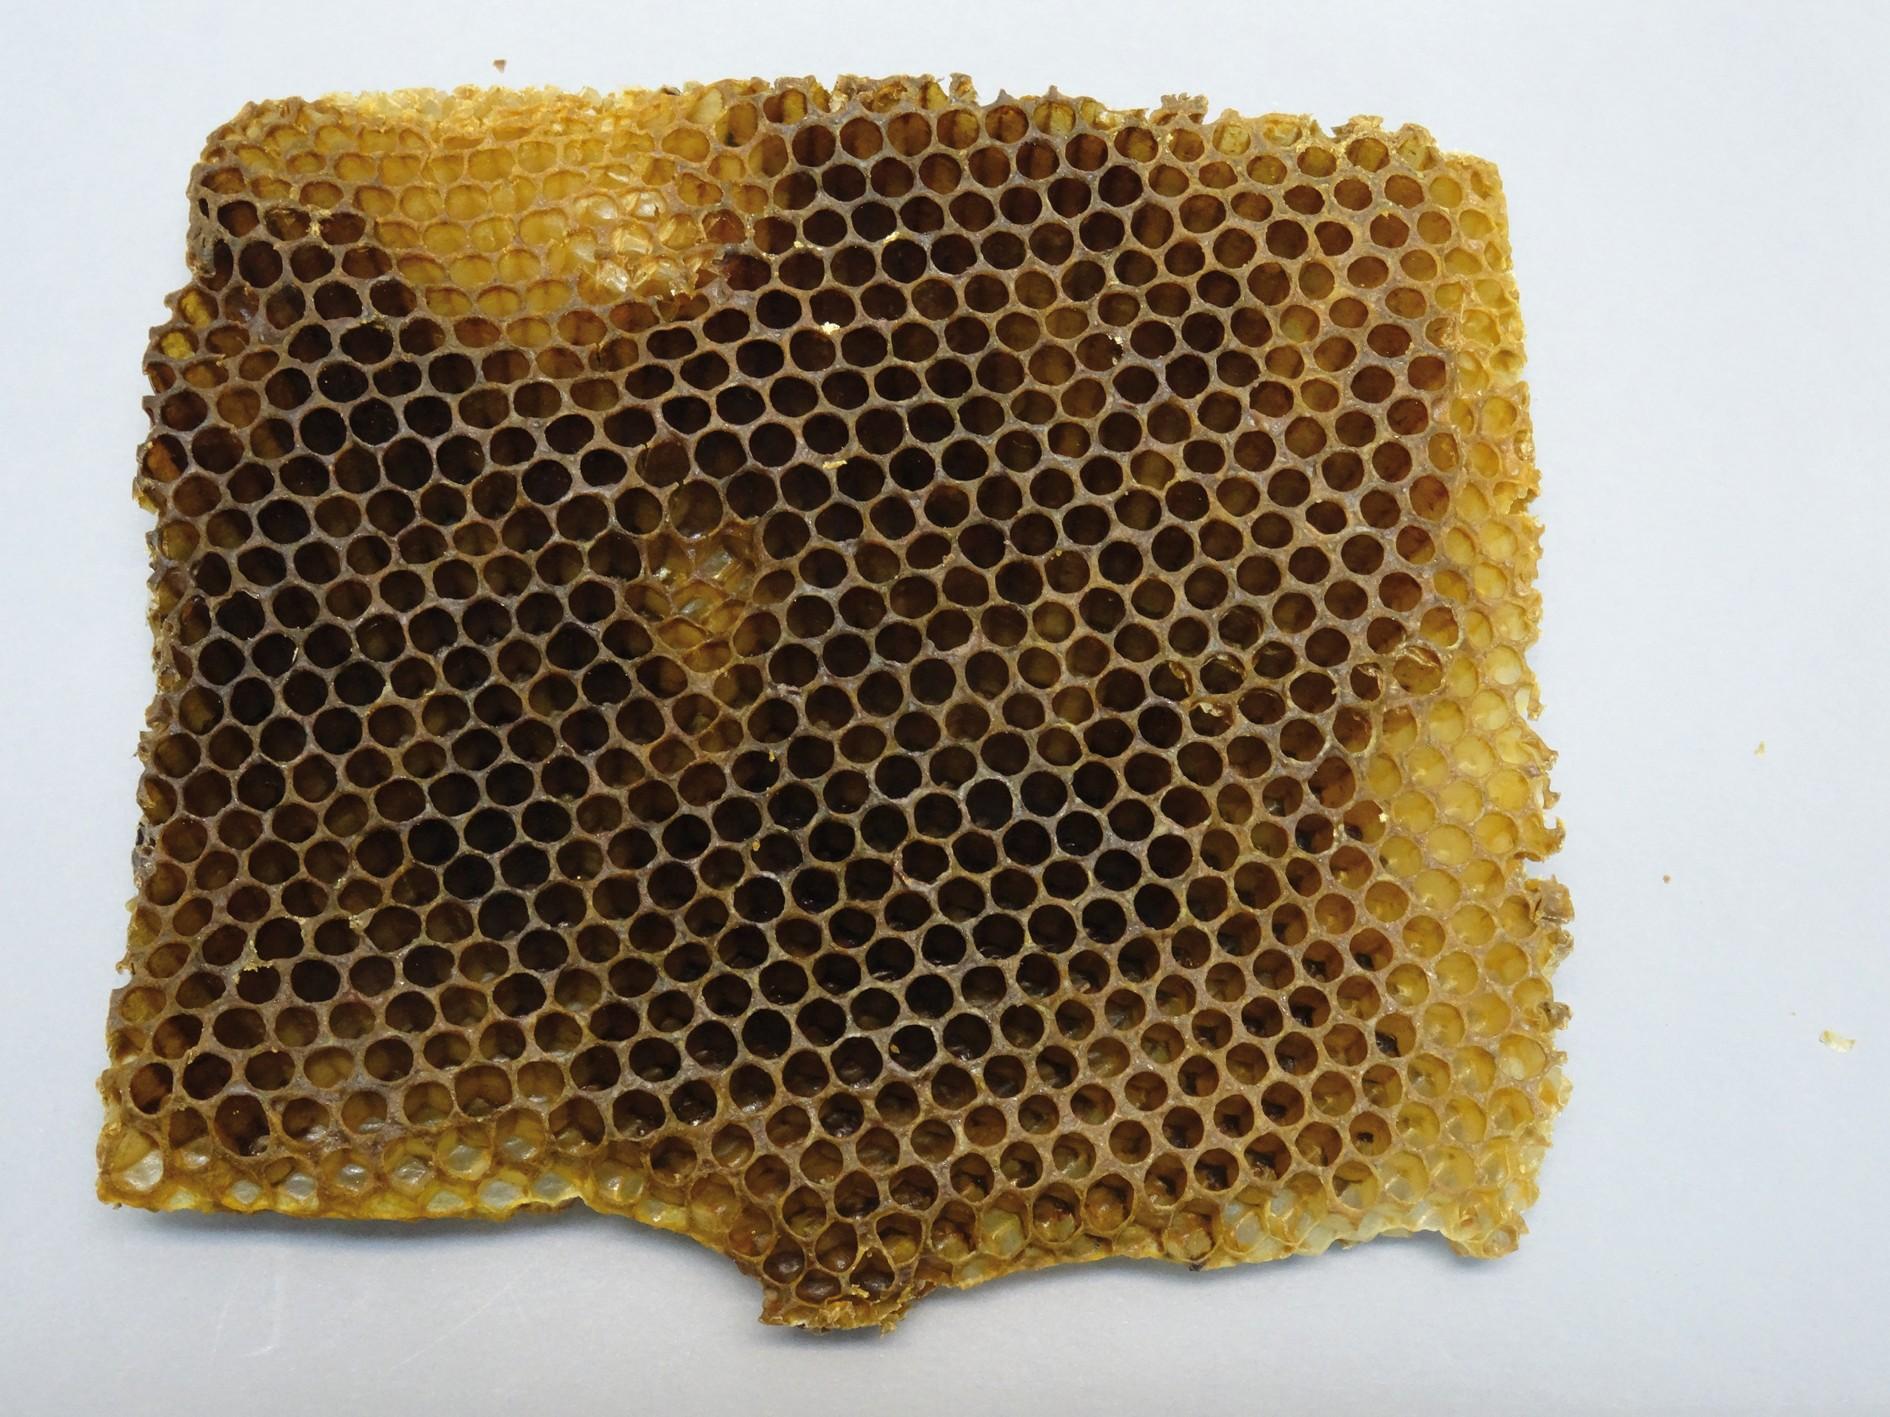 Bild 3. Wachs, hier Drohnenwabe nach dem Schlupf der männlichen Bienen, wird als Naturbau vollständig von den Bienen selbst produziert.  Bild: Monica Wäber